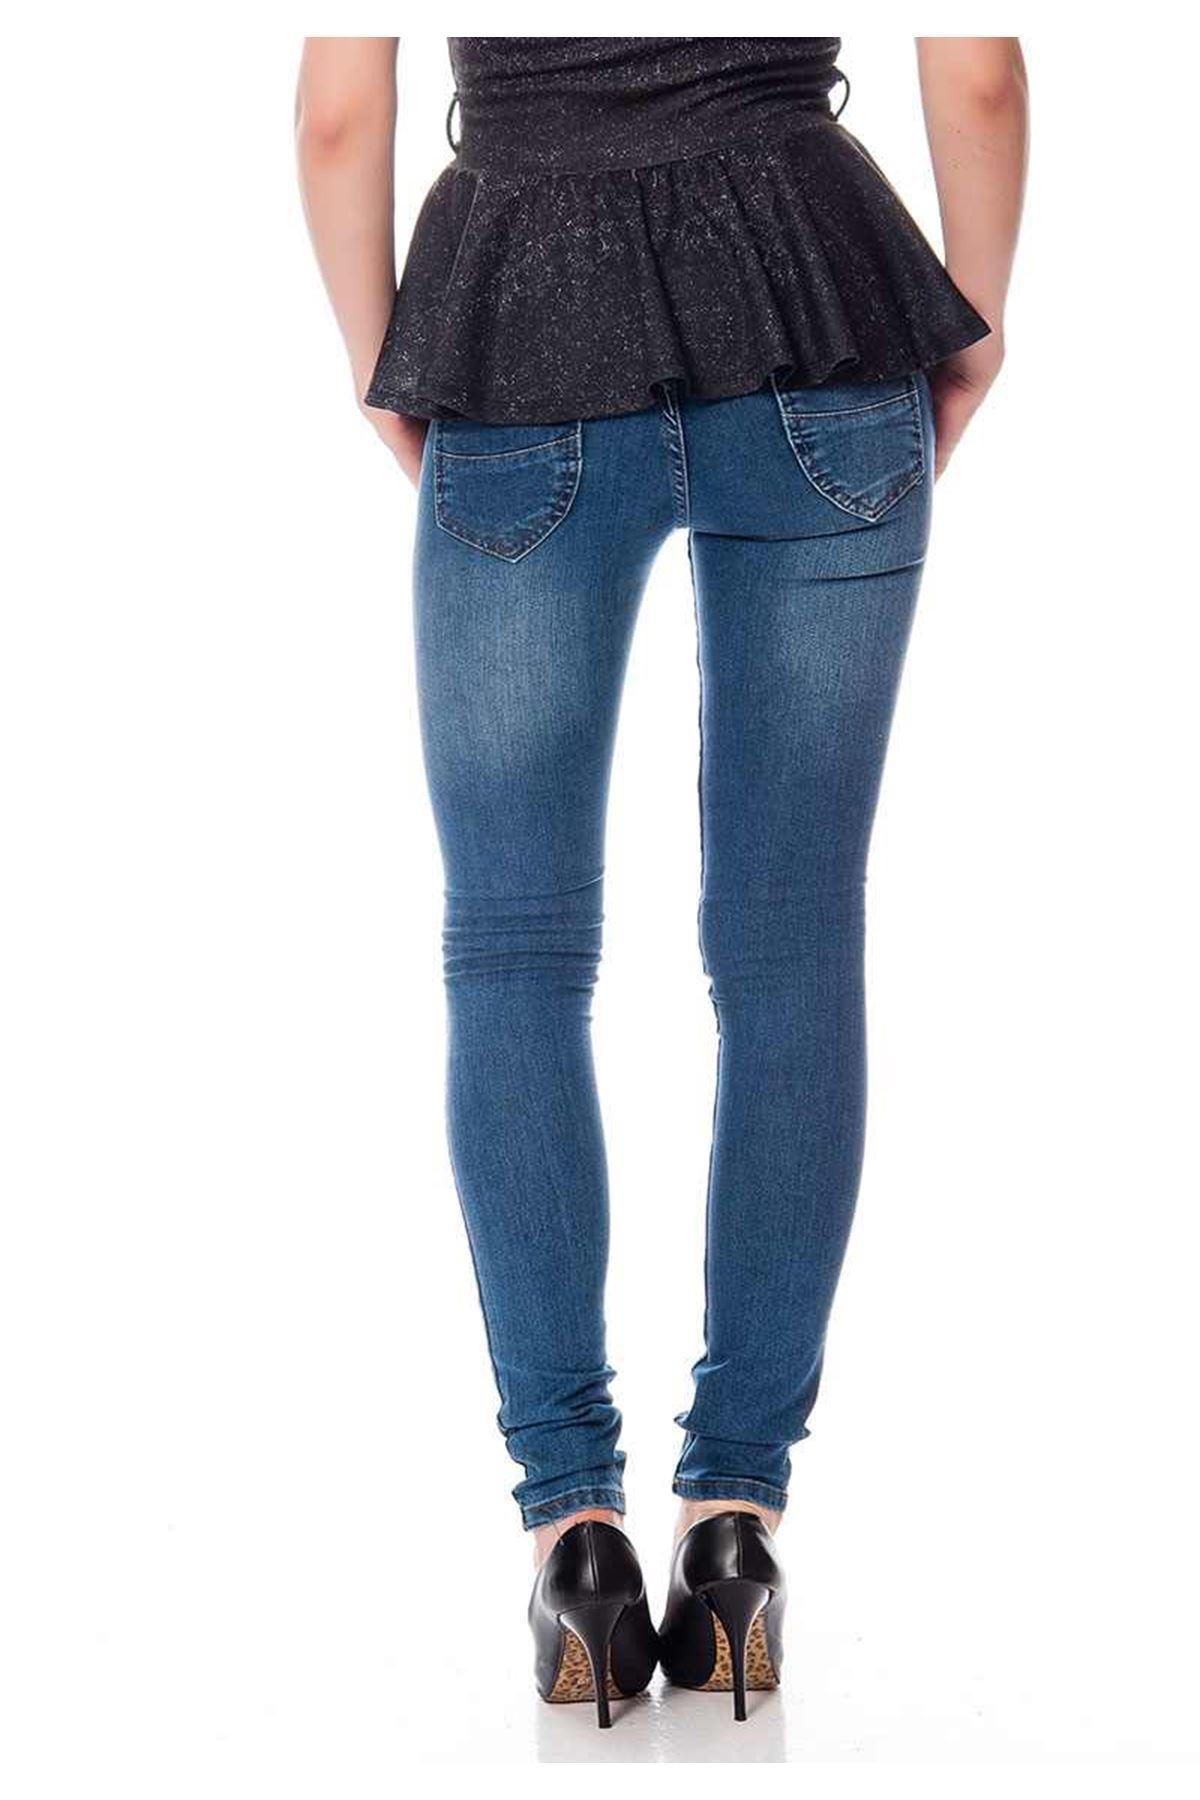 Lacivert Kadın Kot Pantolon 4A-116443